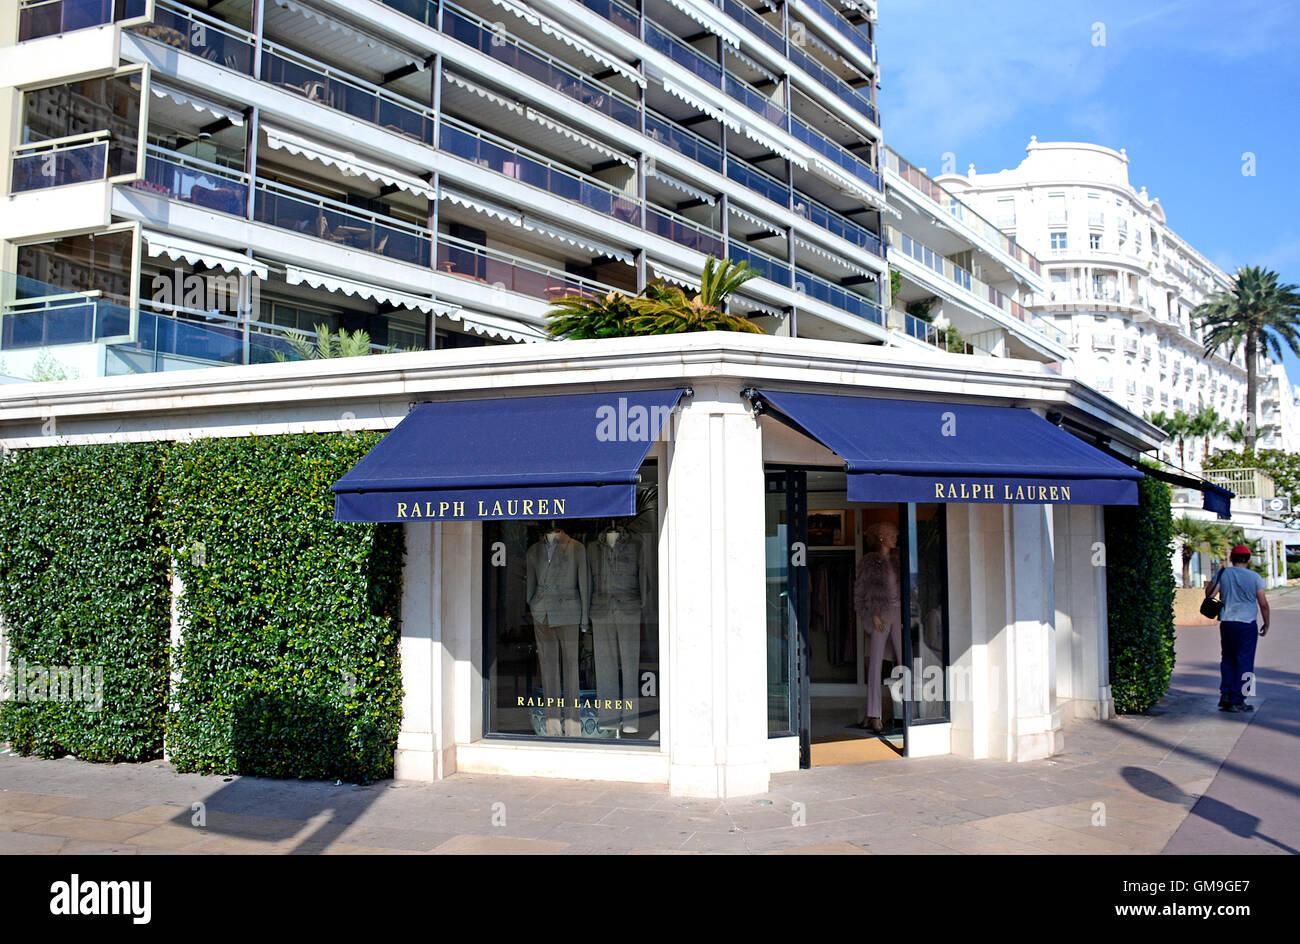 3ebd301e5da8 Ralph Lauren boutique Boulevard de la Croisette Cannes Provence-Alpes-Cote  d Azur France